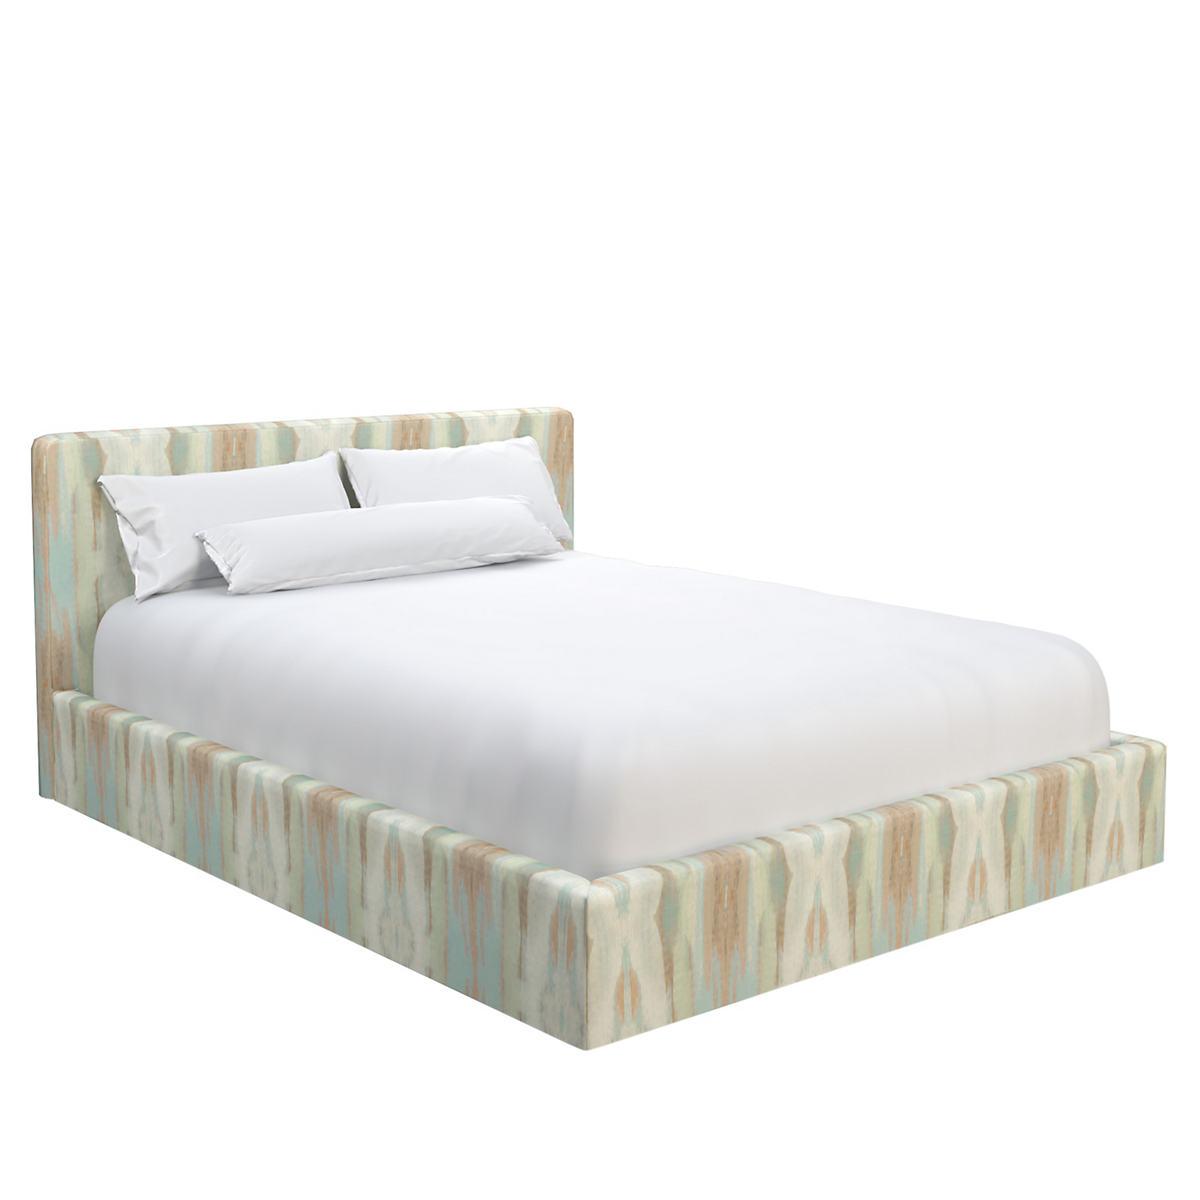 Cerro Loft Bed